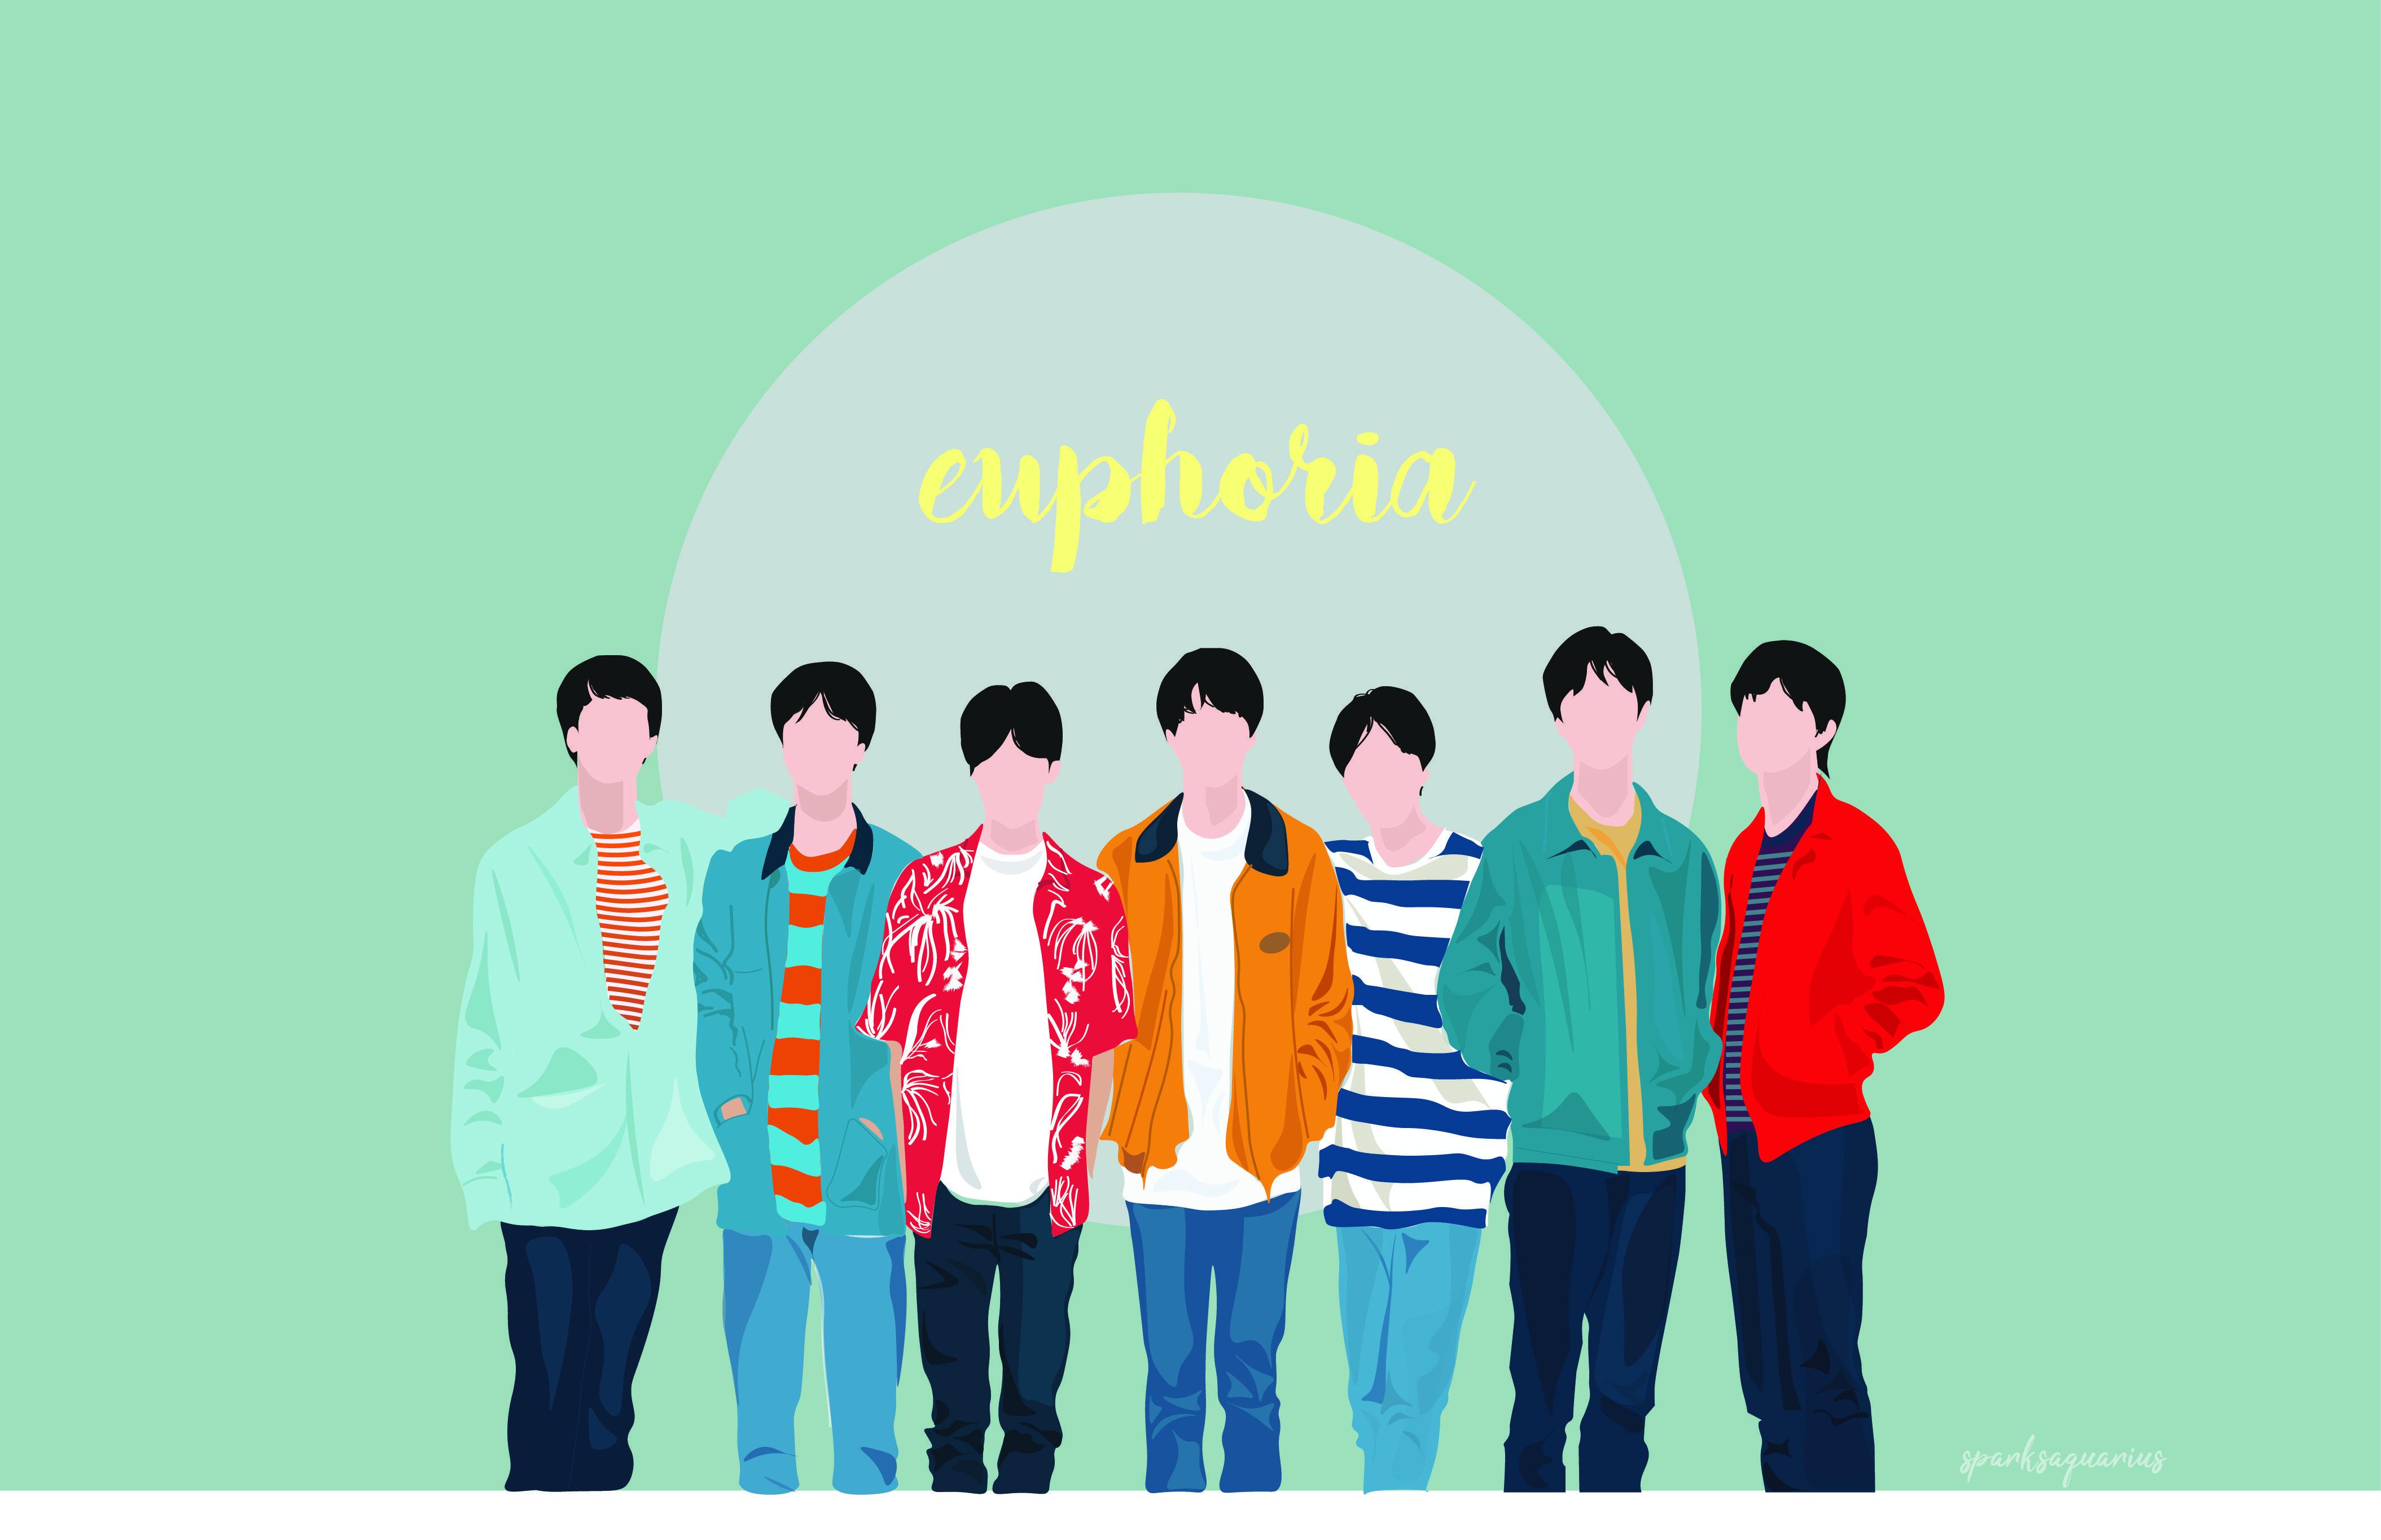 Bts Euphoria Laptop Wallpapers Top Free Bts Euphoria Laptop Backgrounds Wallpaperaccess